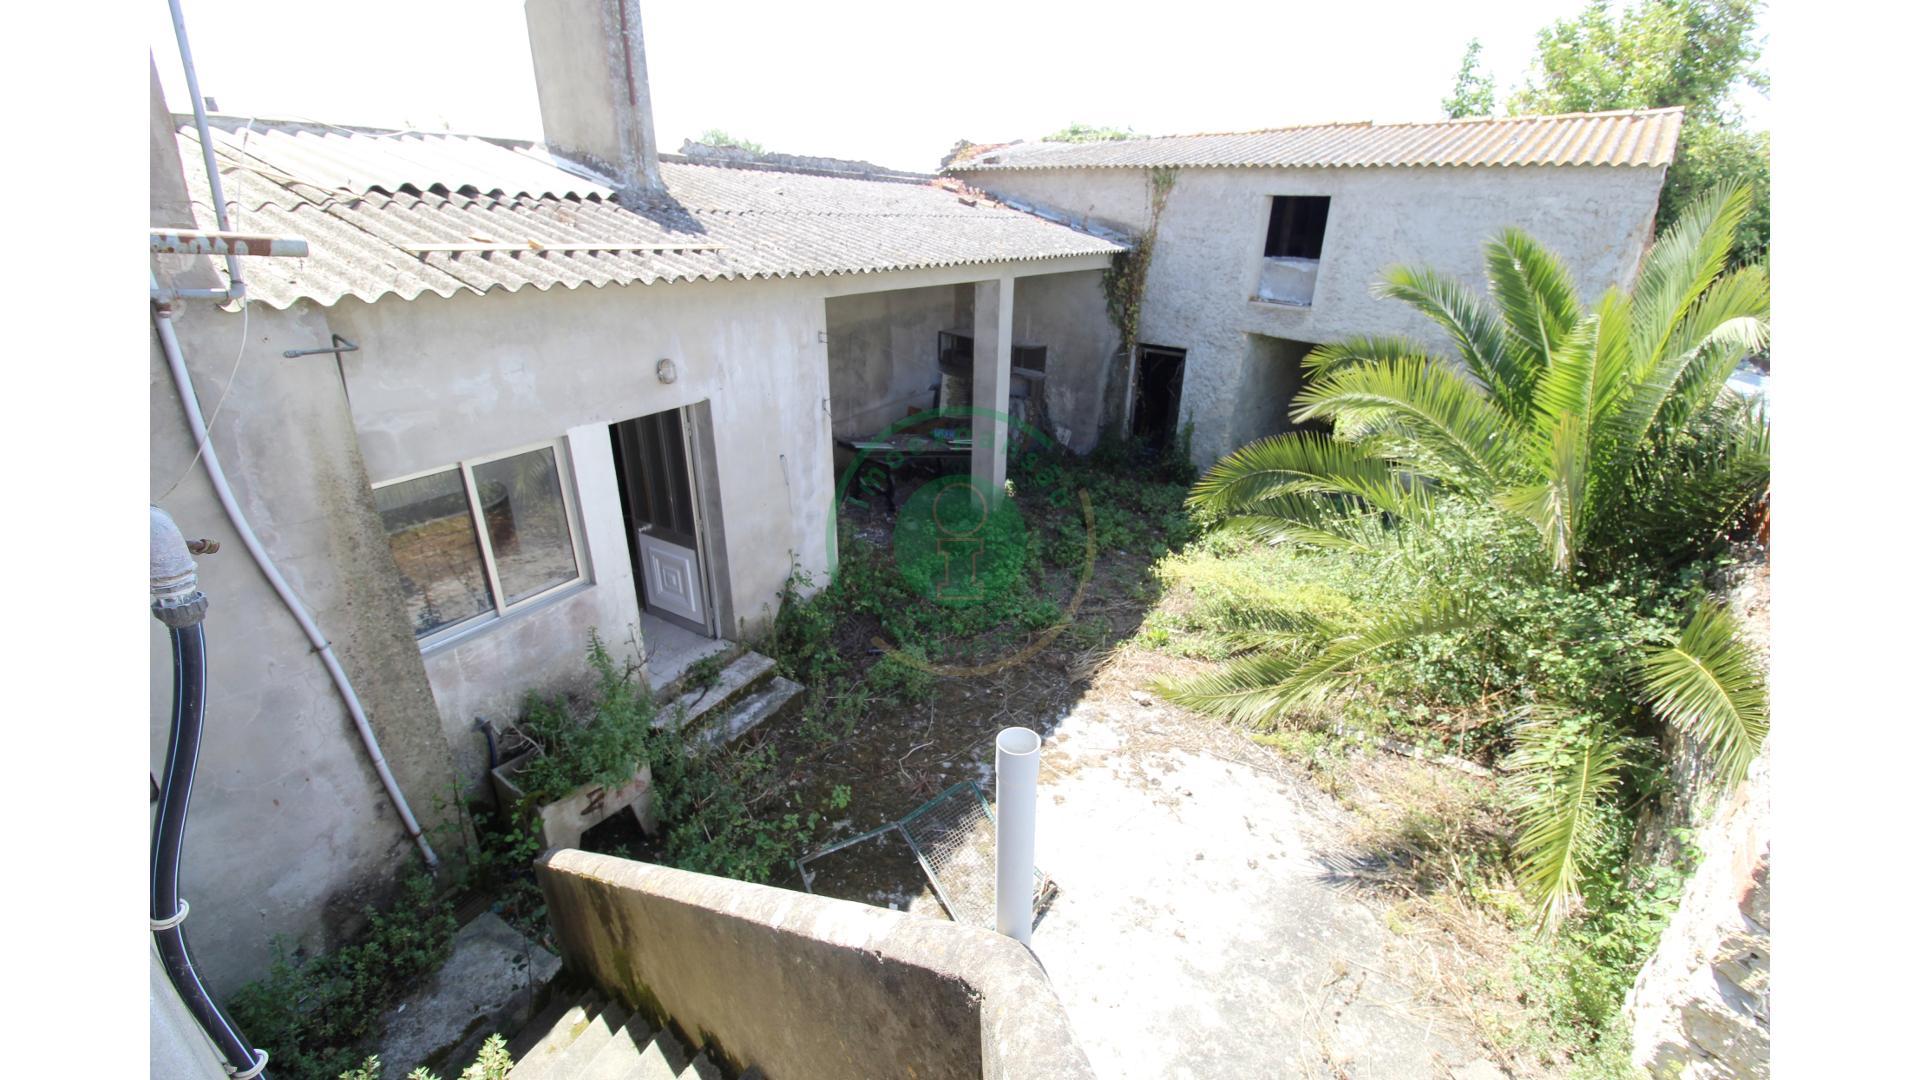 Moradia T6 com Terreno - Paião  - Figueira Da Foz, Paião